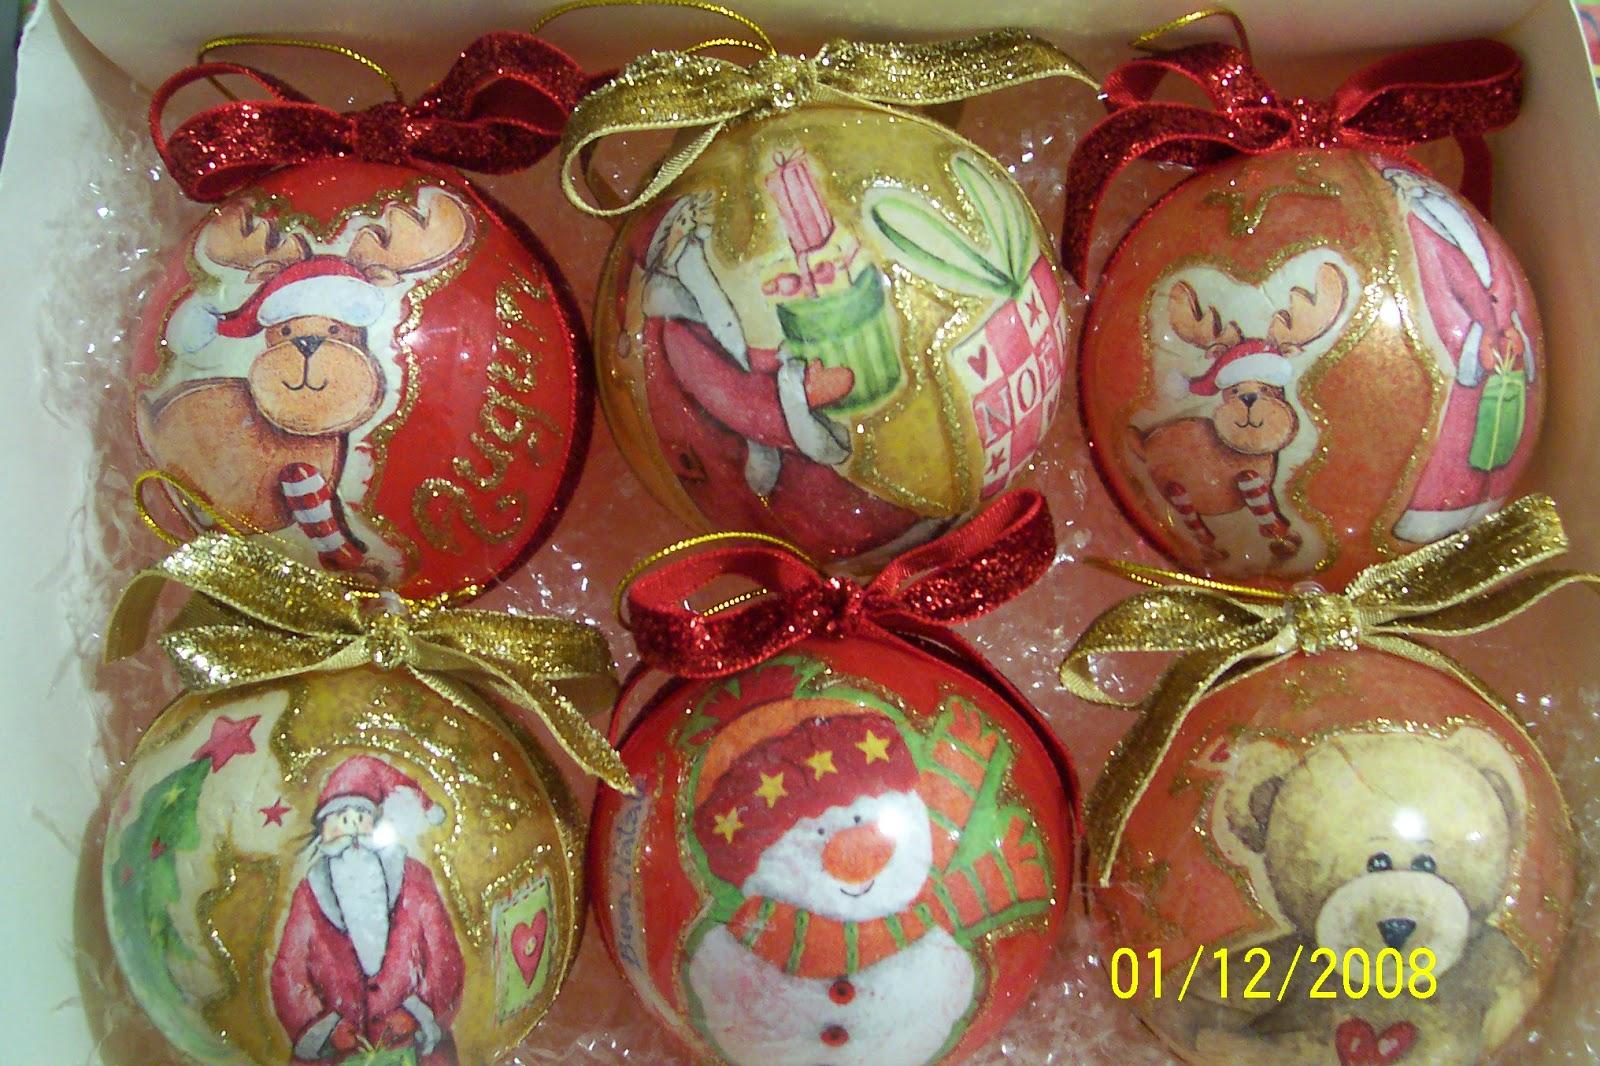 Lavoretti Di Natale Scuola Primaria Decoupage.Creativa Per Passione 1 Mese A Natale